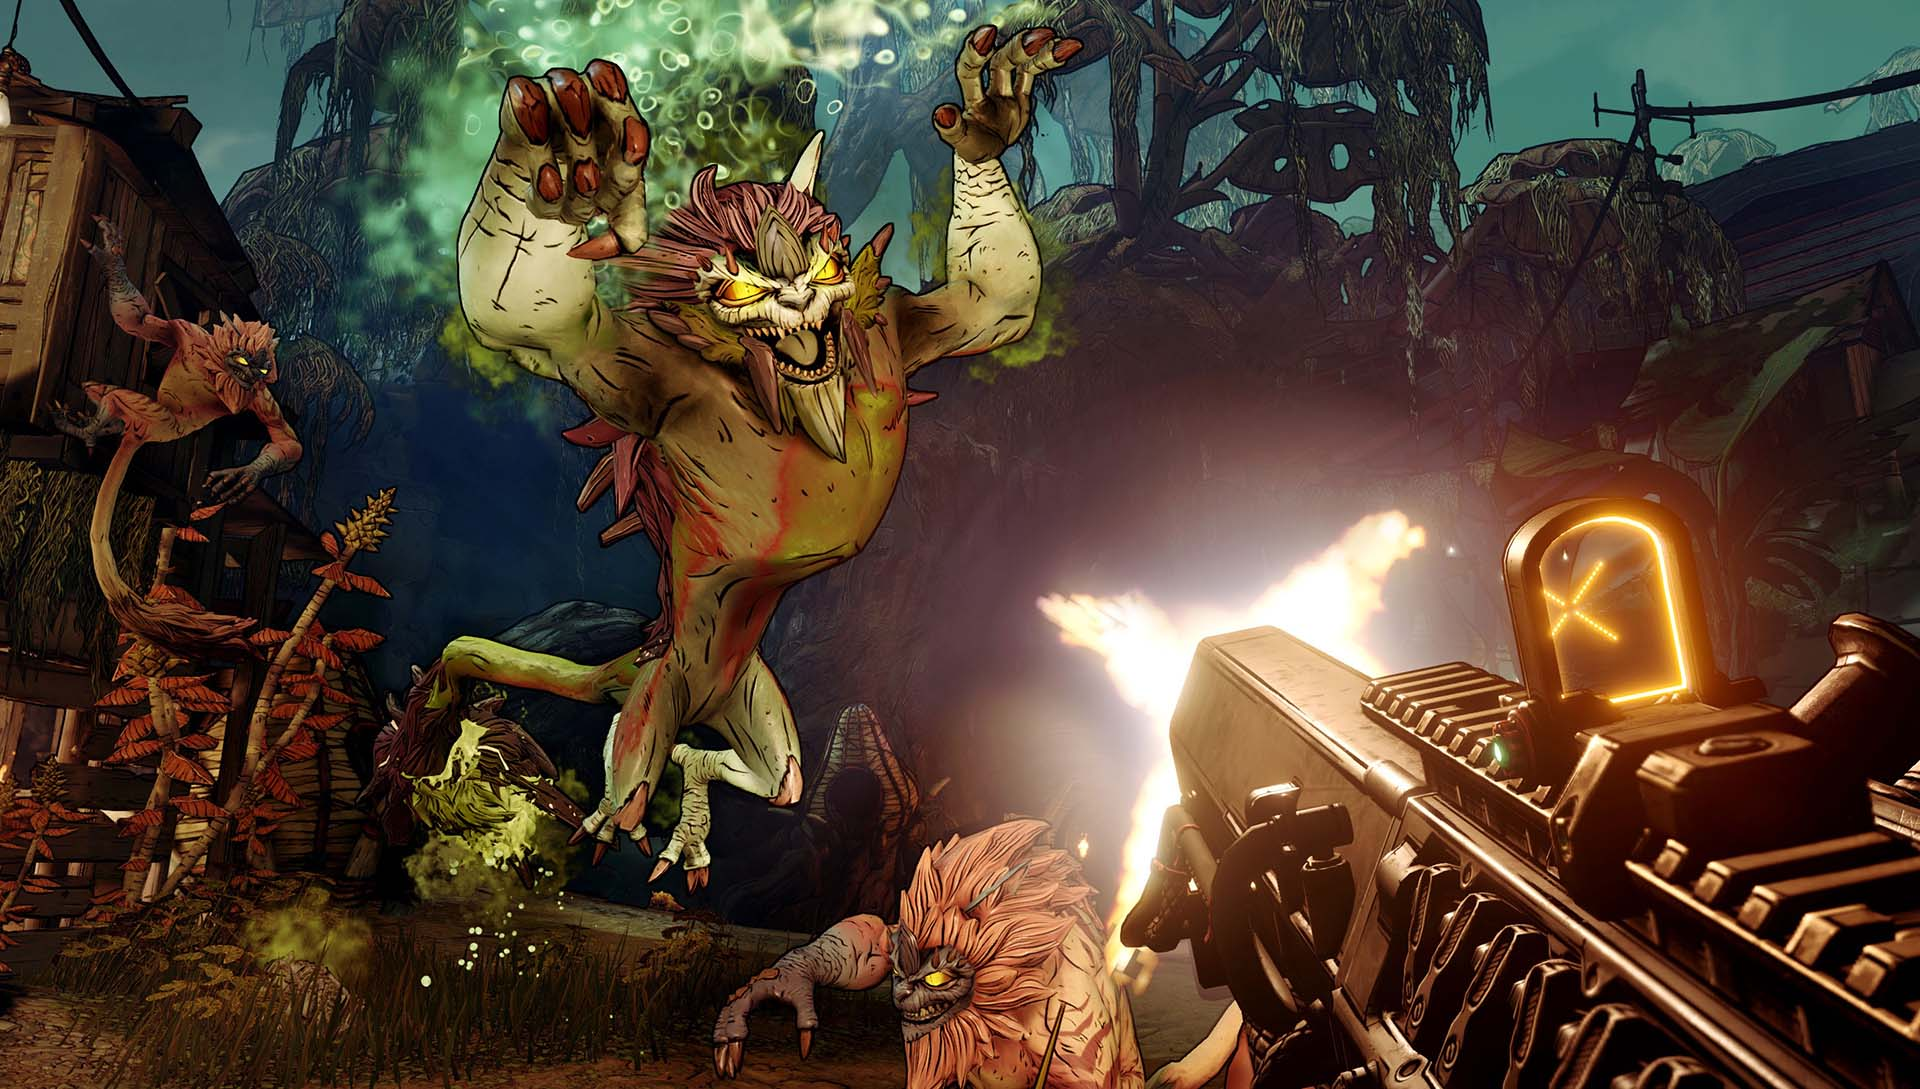 Nuevas informaciones de Borderlands 3, campaña offline, multijugador en pantalla partida y mucho más 2